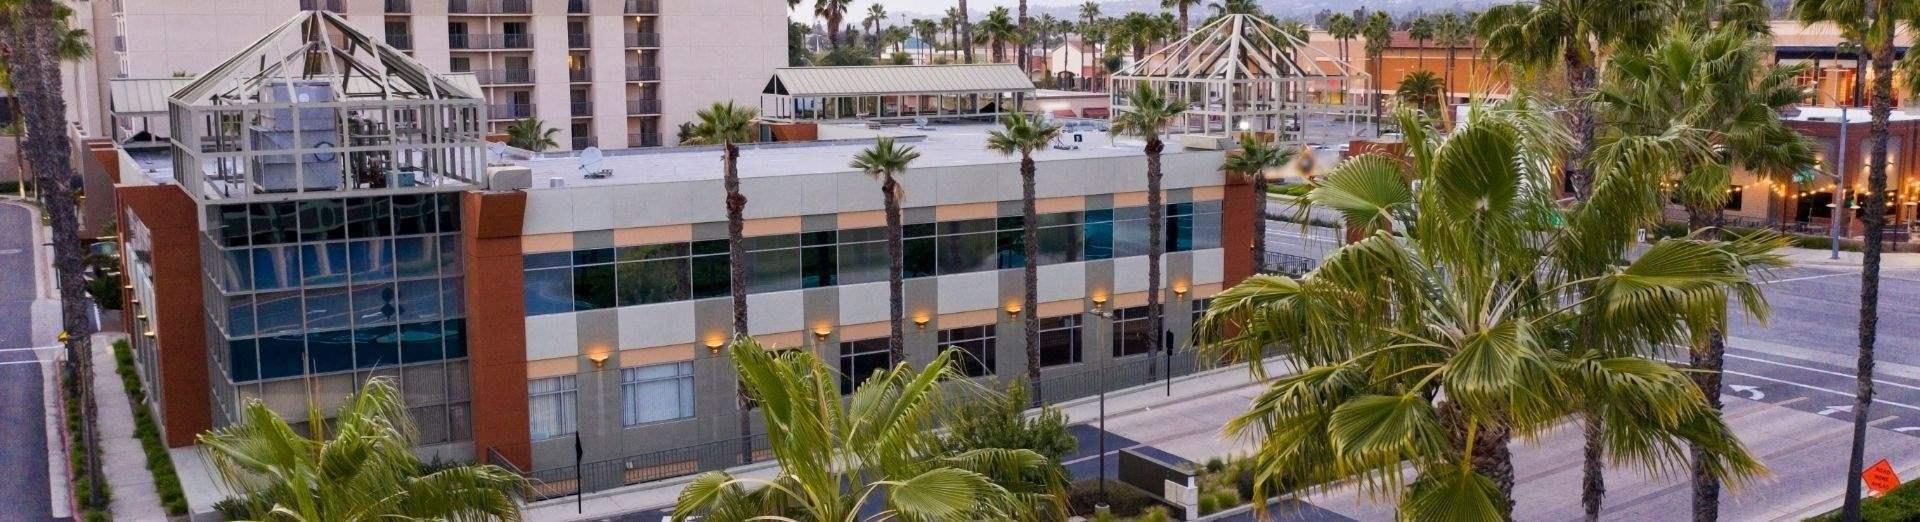 Chase Suite Hotel Brea, California - Location